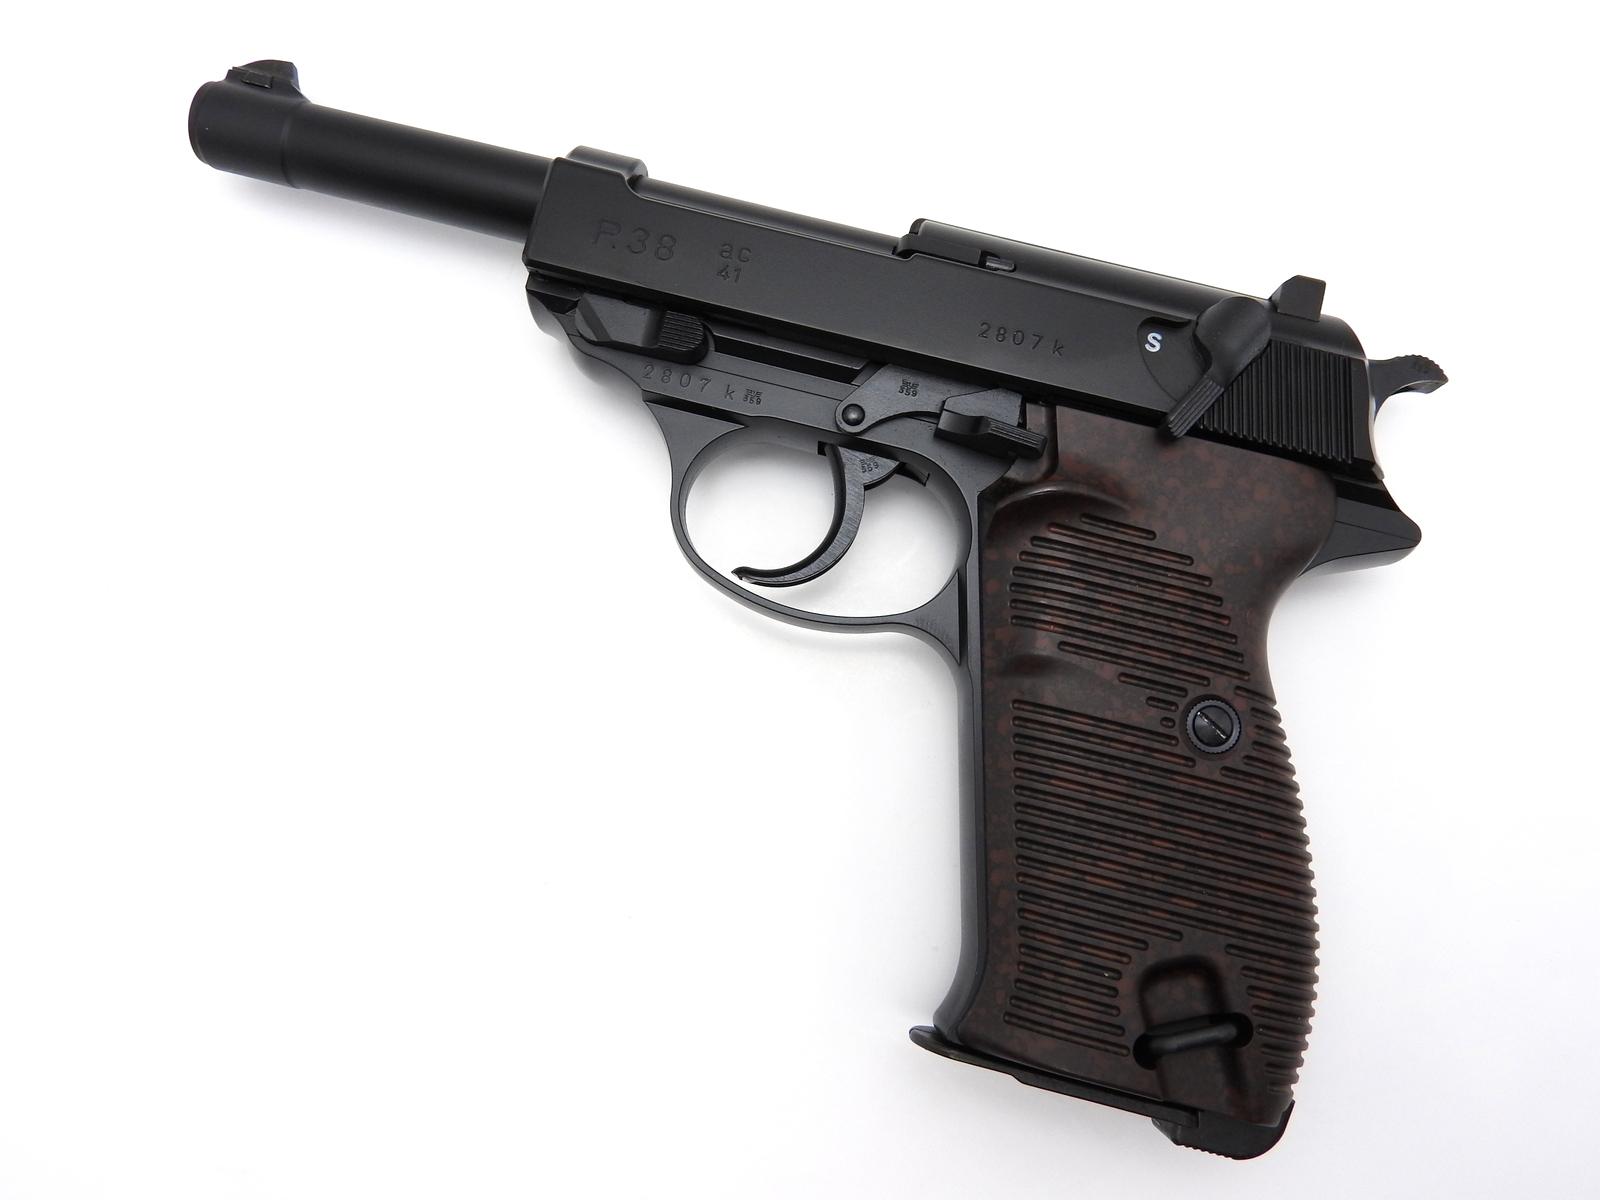 マルゼン ワルサー P38 ブラック ac41 ドイツ軍 1941年 ブローバック ガスガン 銃 18歳以上用